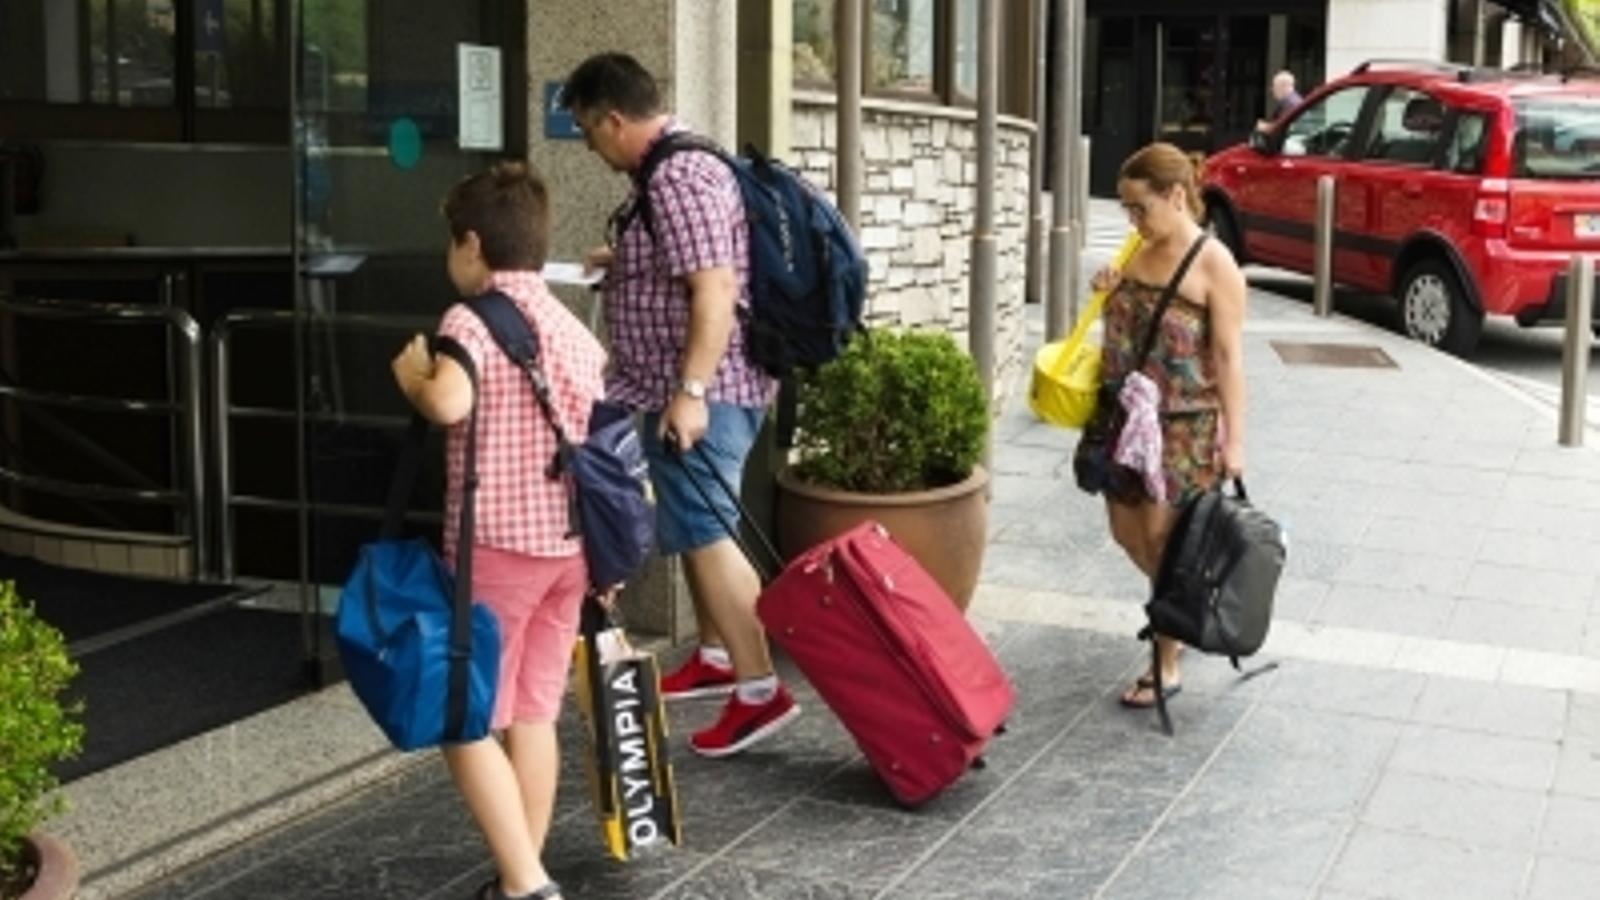 Turistes a l'entrada d'un hotel. / ARXIU